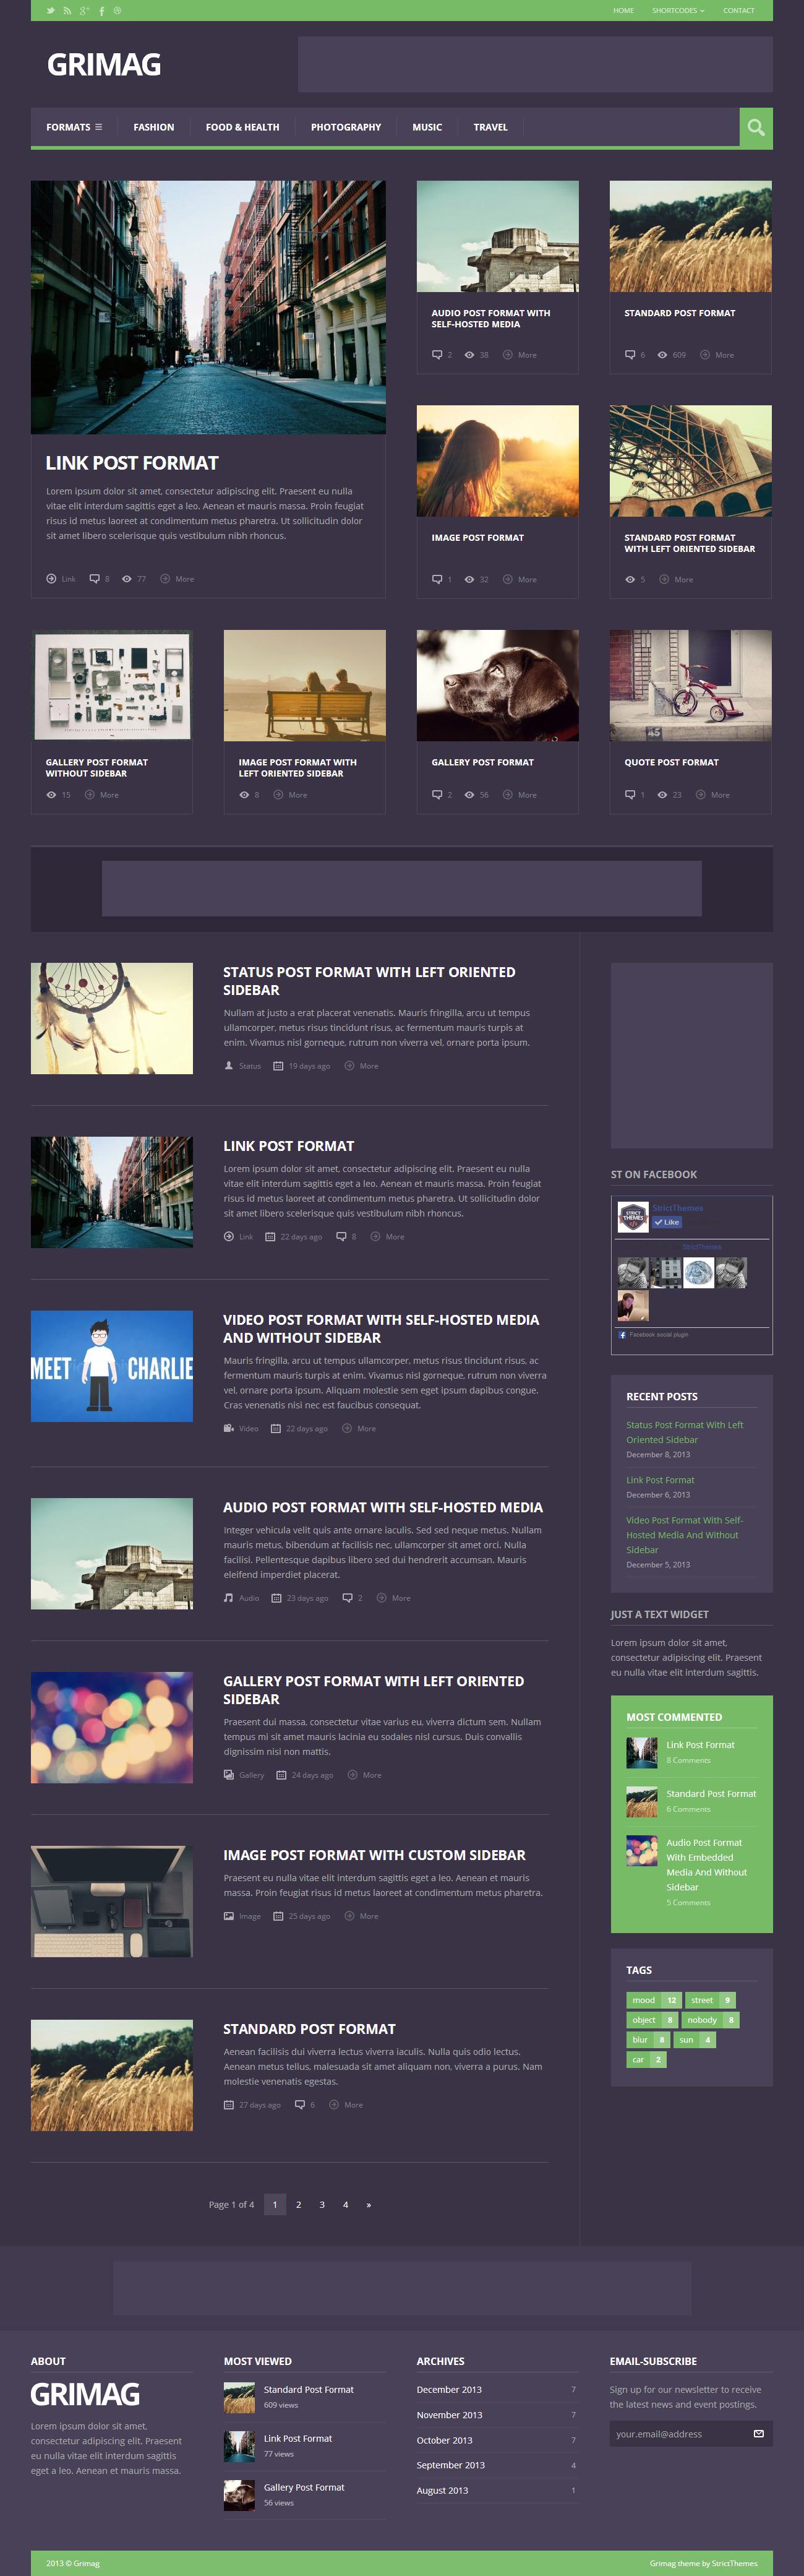 Grimag: AD Optimized Magazine